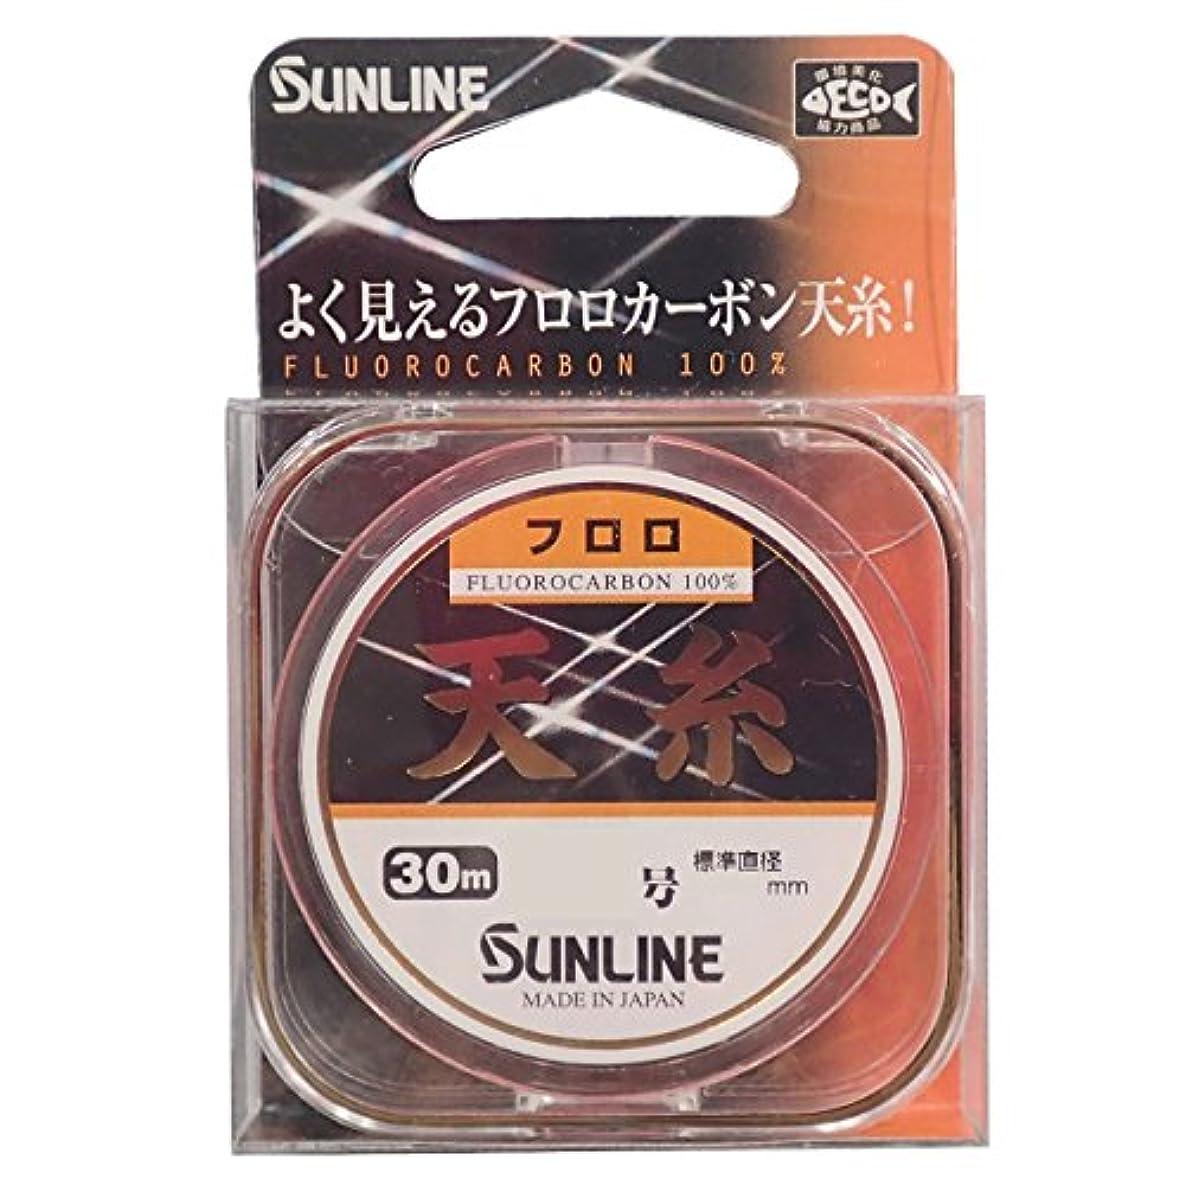 食堂フォーマットどうしたのサンライン(SUNLINE) フロロカーボンライン 天糸フロロ 30m 0.5号 マットフラッシュオレンジ